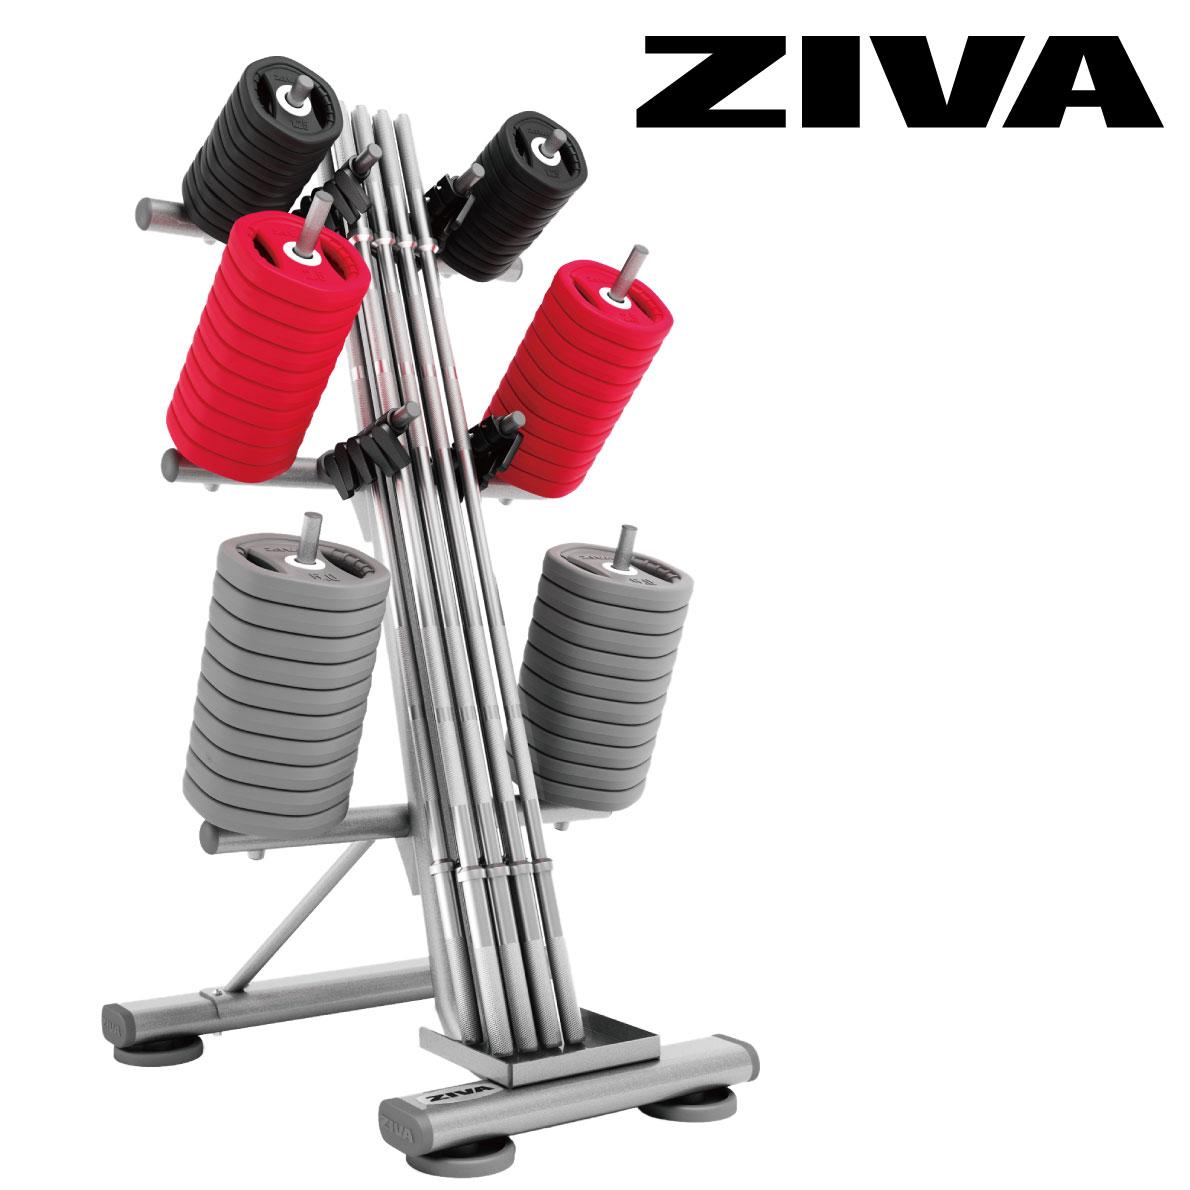 10ペアスタジオバーベルラック/バーベルラック〈業務用〉《ZIVA(ジーヴァ)》